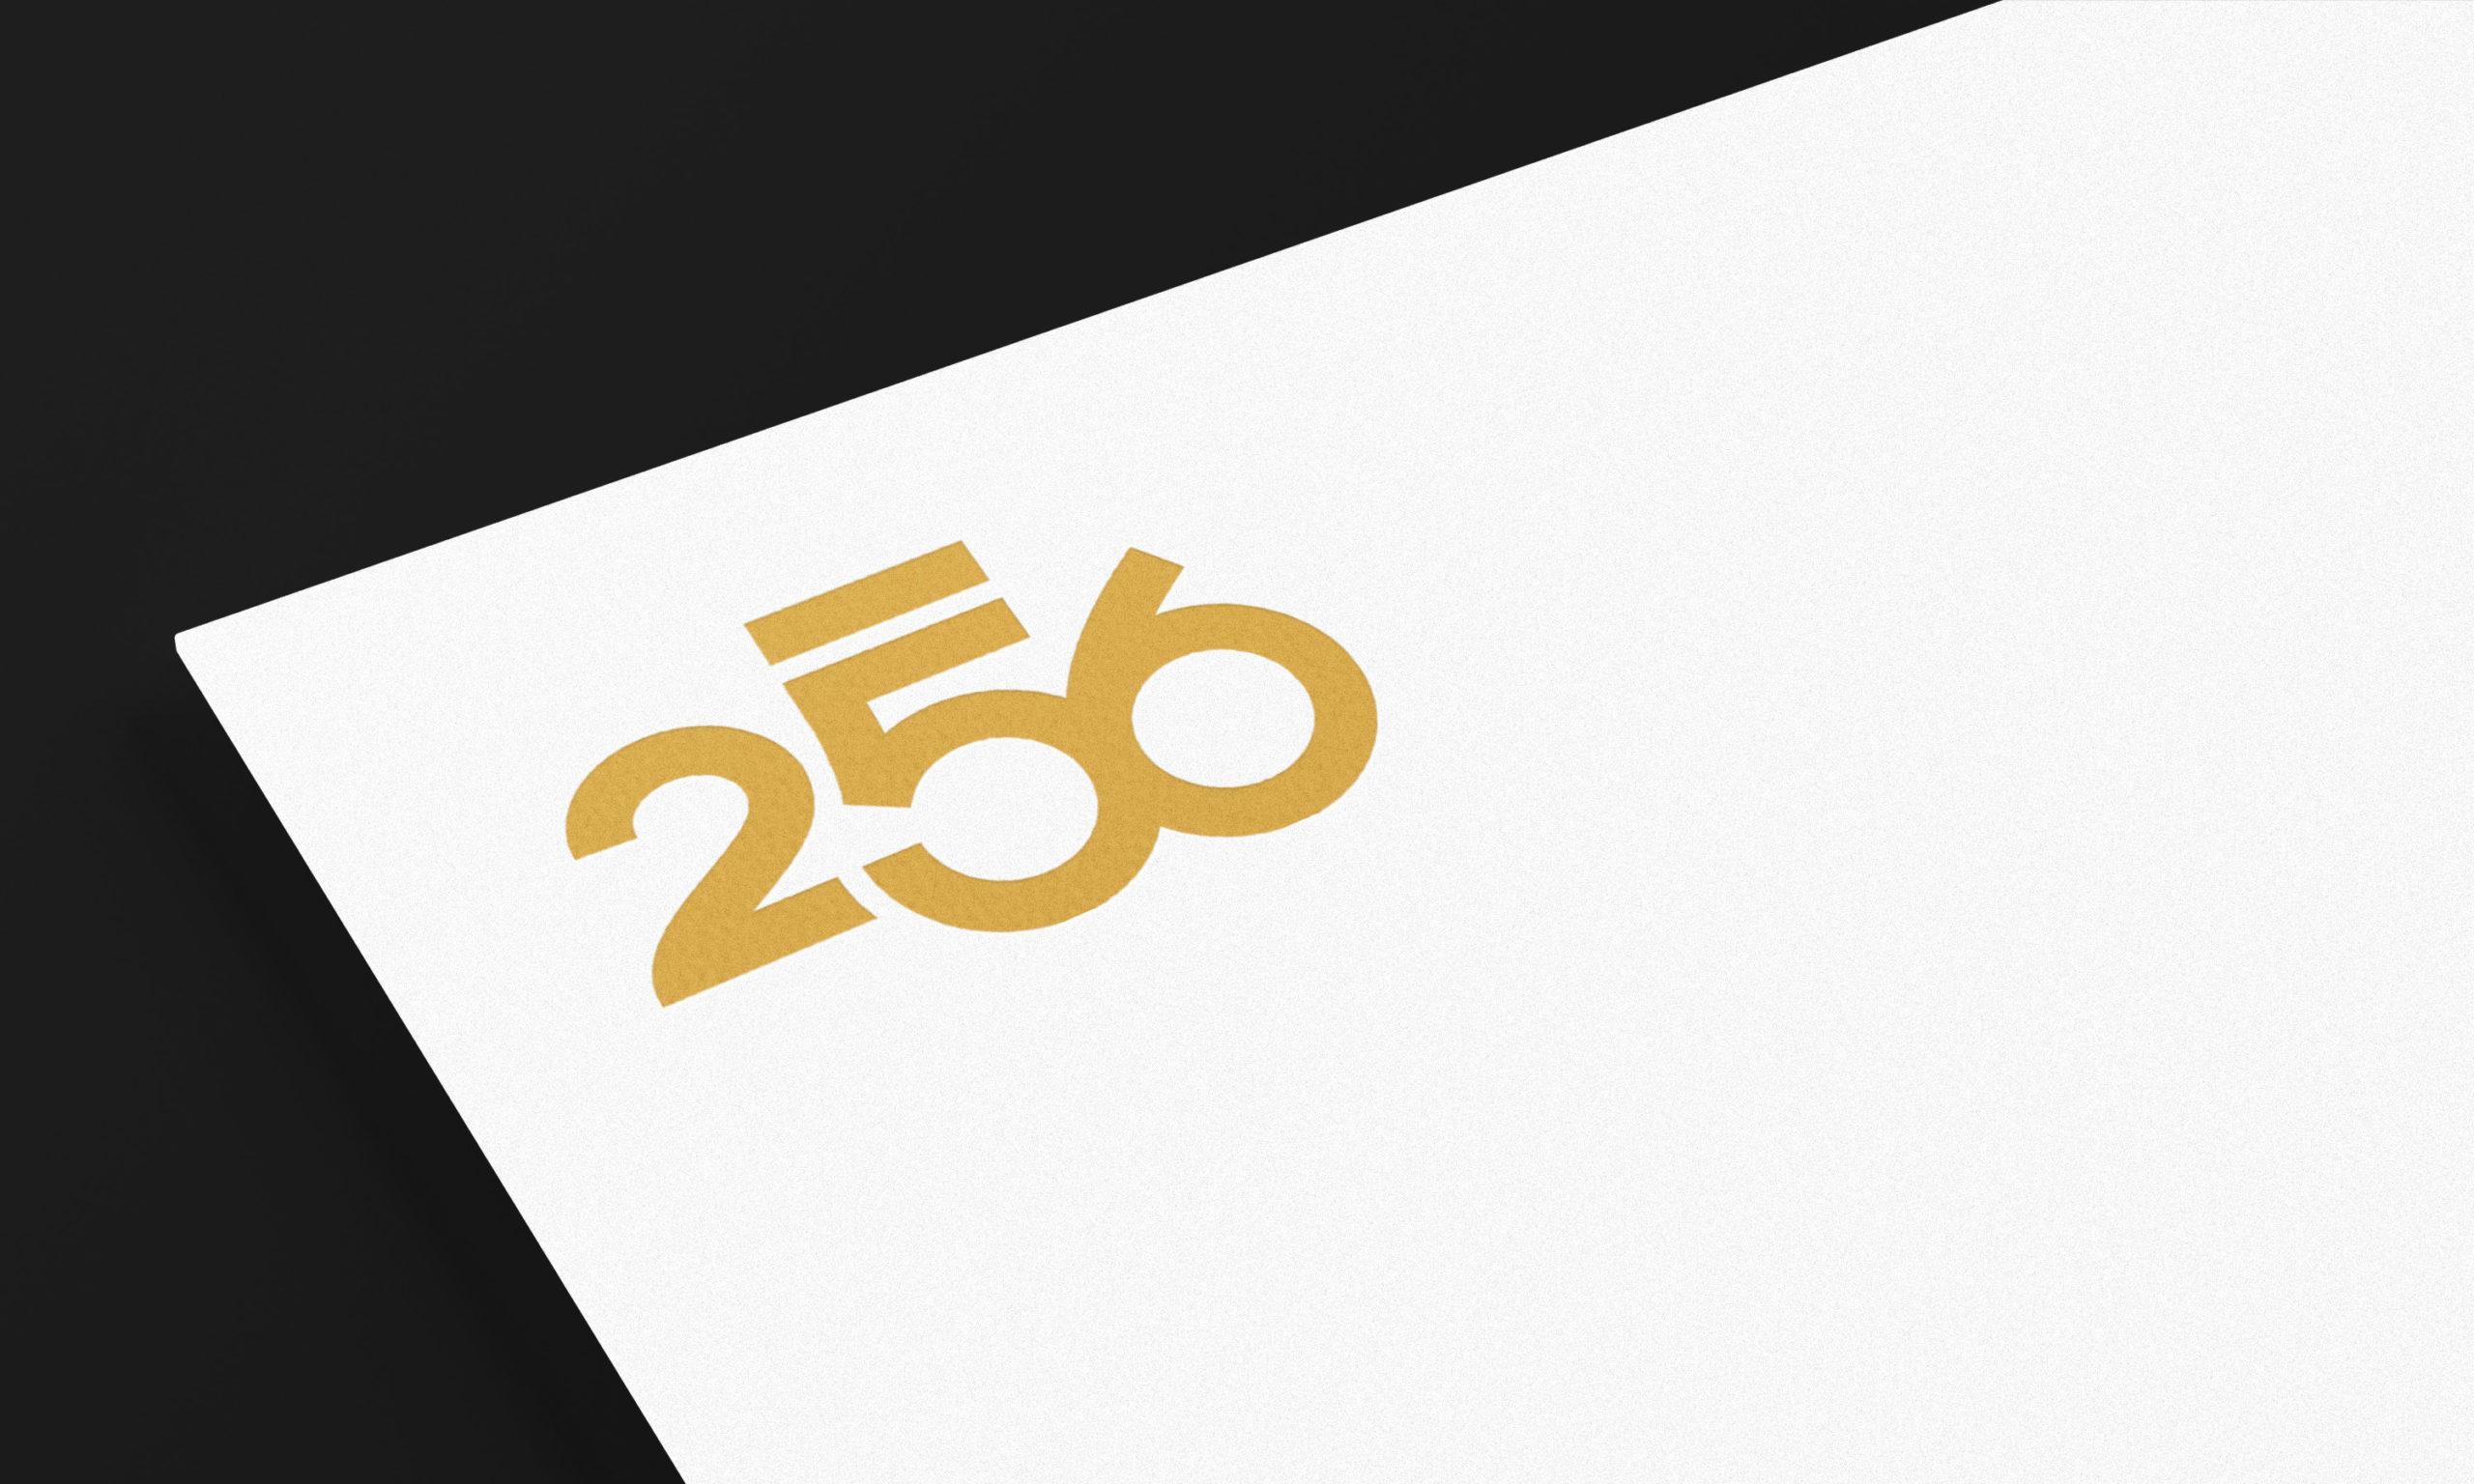 Logo bijouterie 256 Jewelry par NGDesign en Savoie. Votre agence de communication